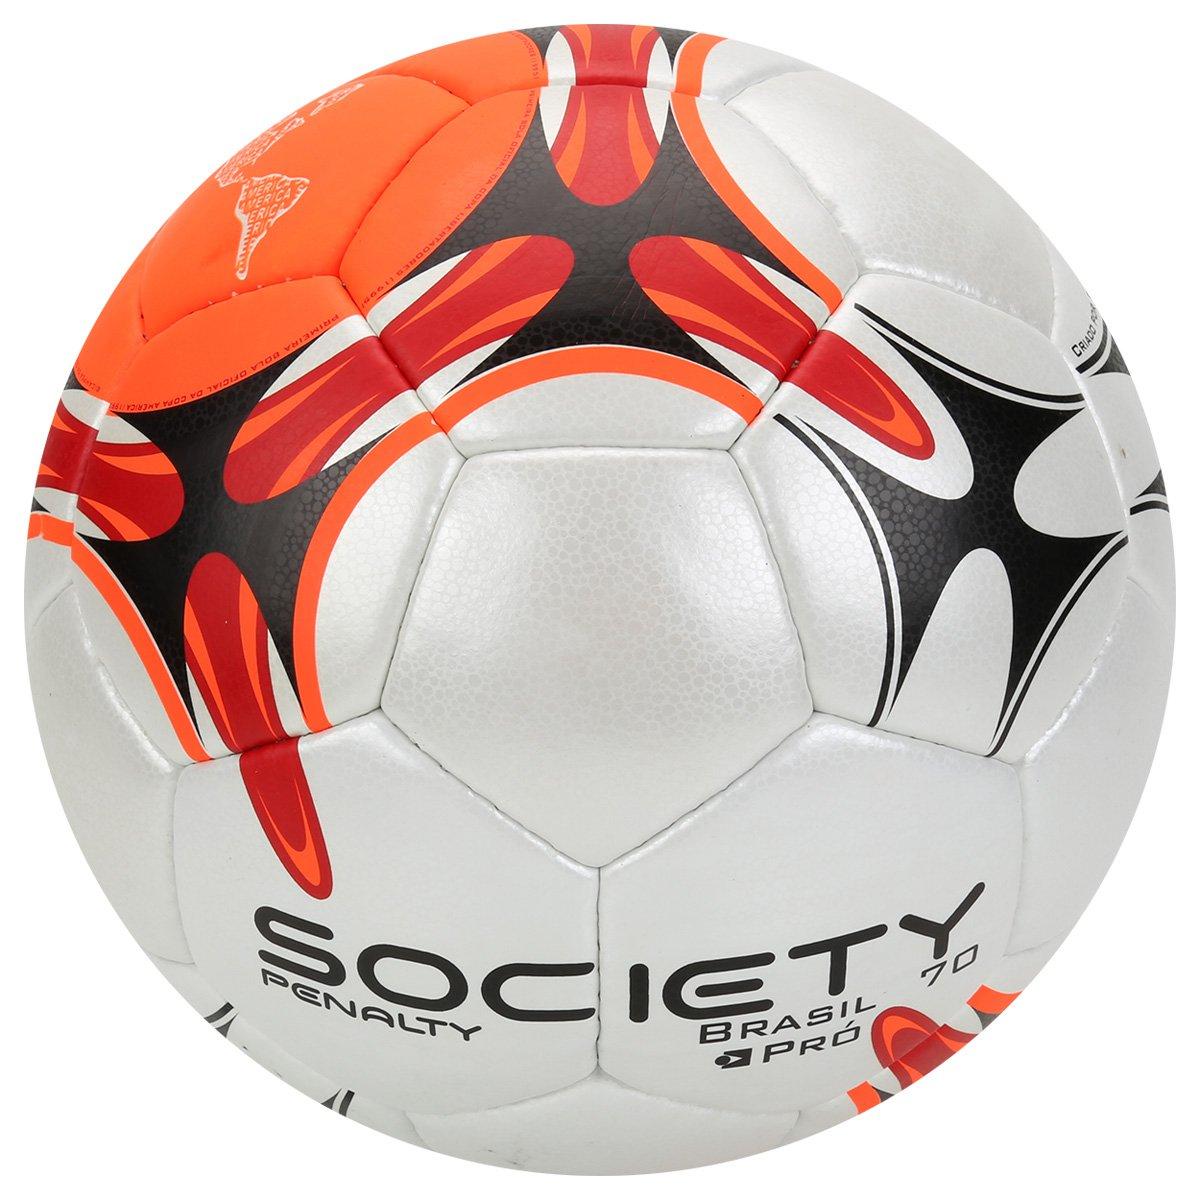 1dfbd69b42 Bola Futebol Society Penalty Brasil 70 Pró 7 - Compre Agora